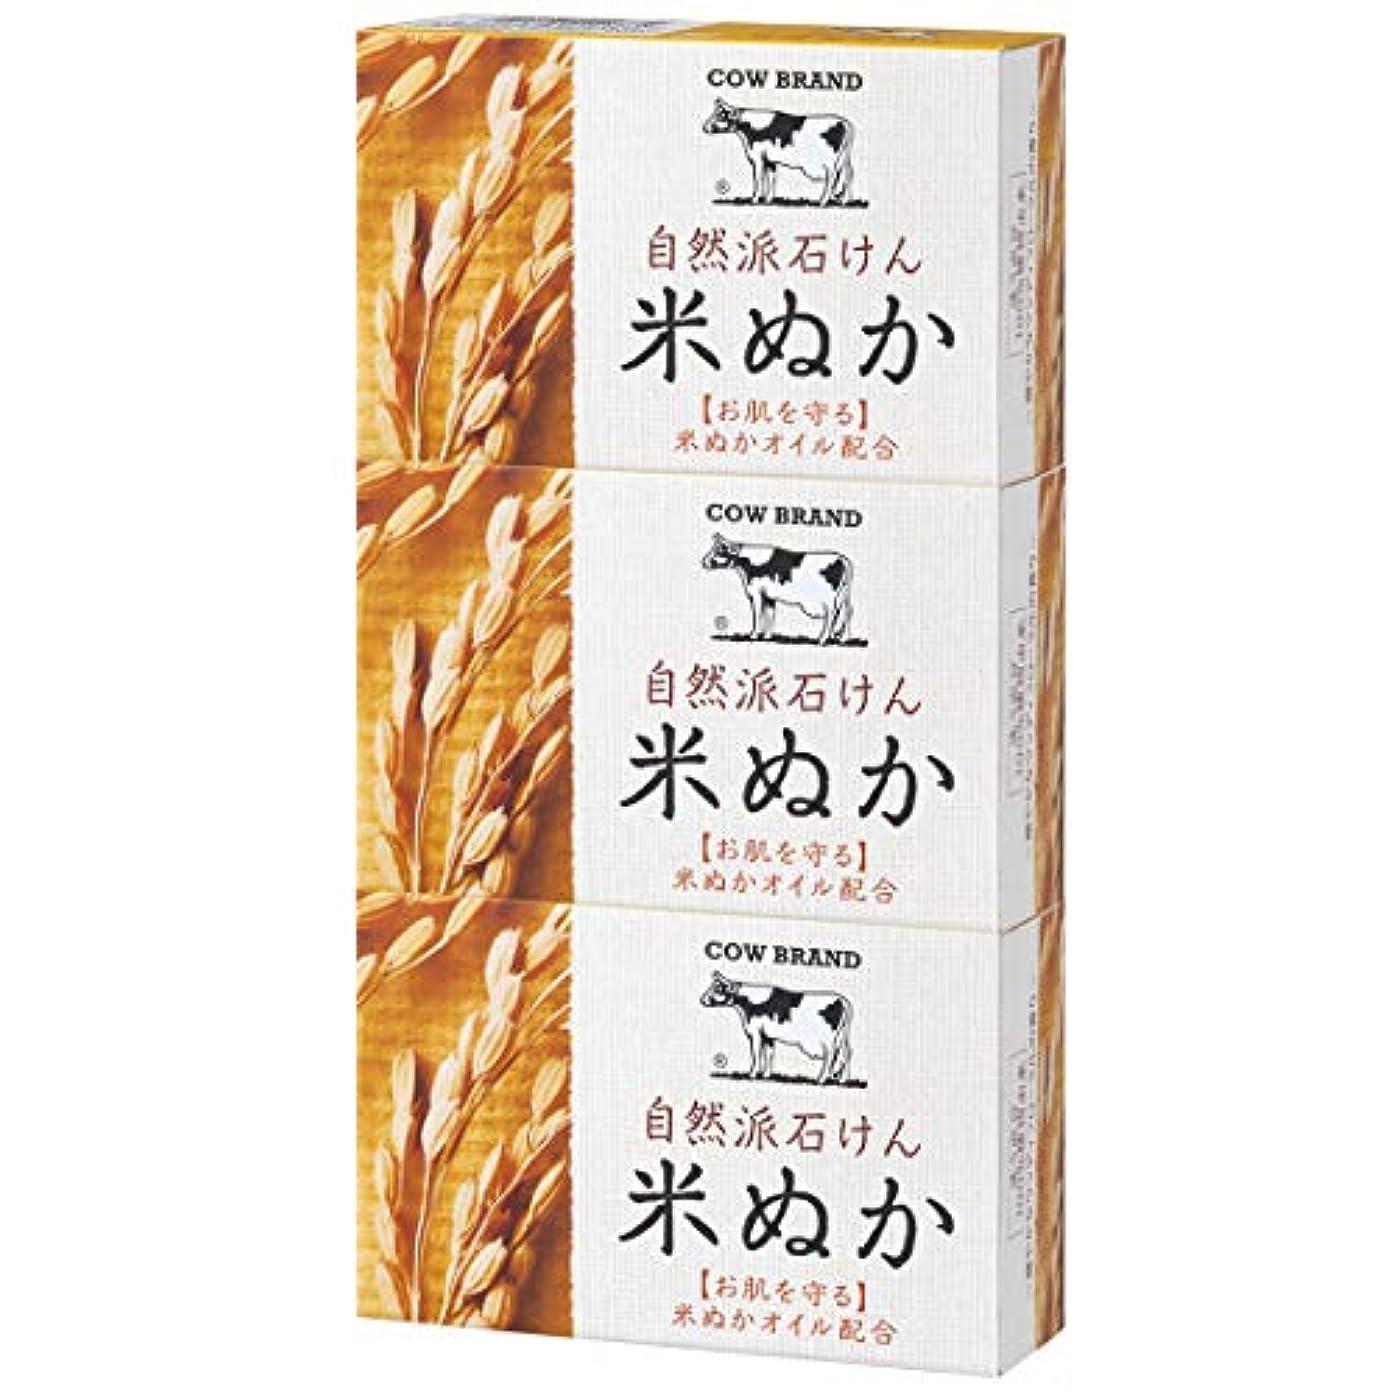 自動ドアミラー悲しいことにカウブランド 自然派石けん 米ぬか 100g*3個